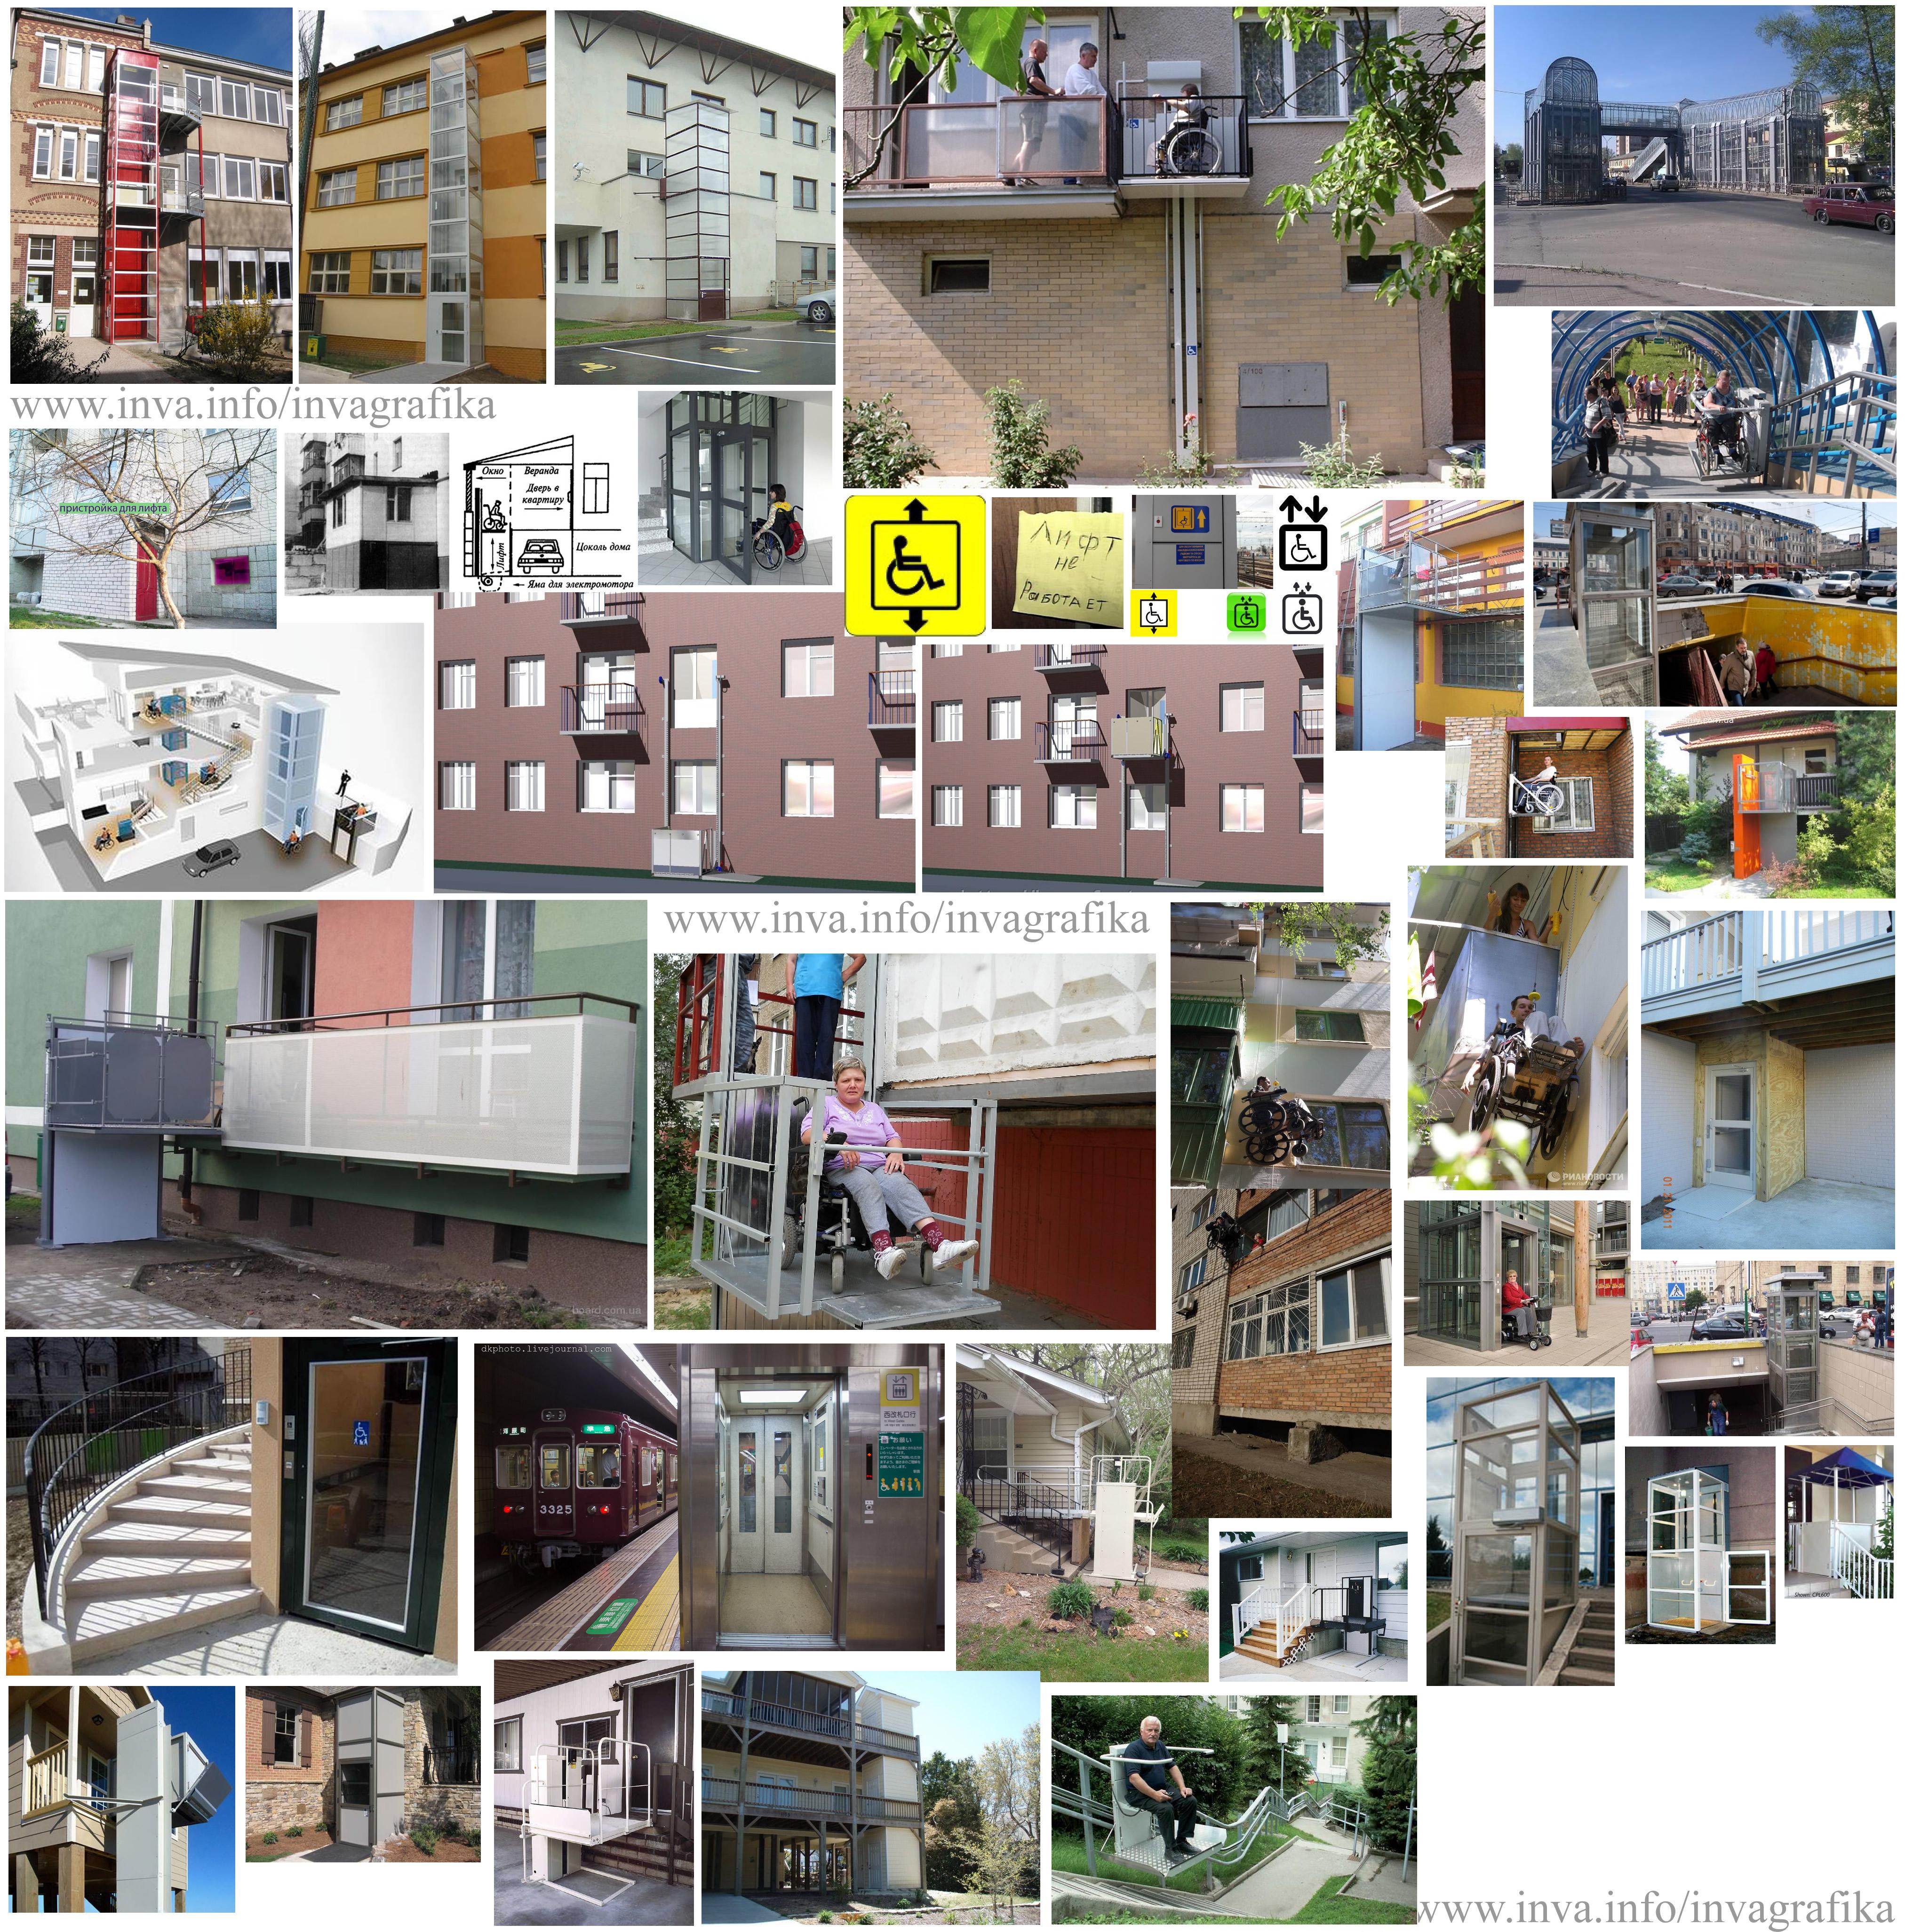 Лифты и уличные подъёмники для инвалидной коляски, подъёмно-транспортное оборудование для маломобильных граждан. С уровня земли до уровня лоджии или балкона первого этажа и выше